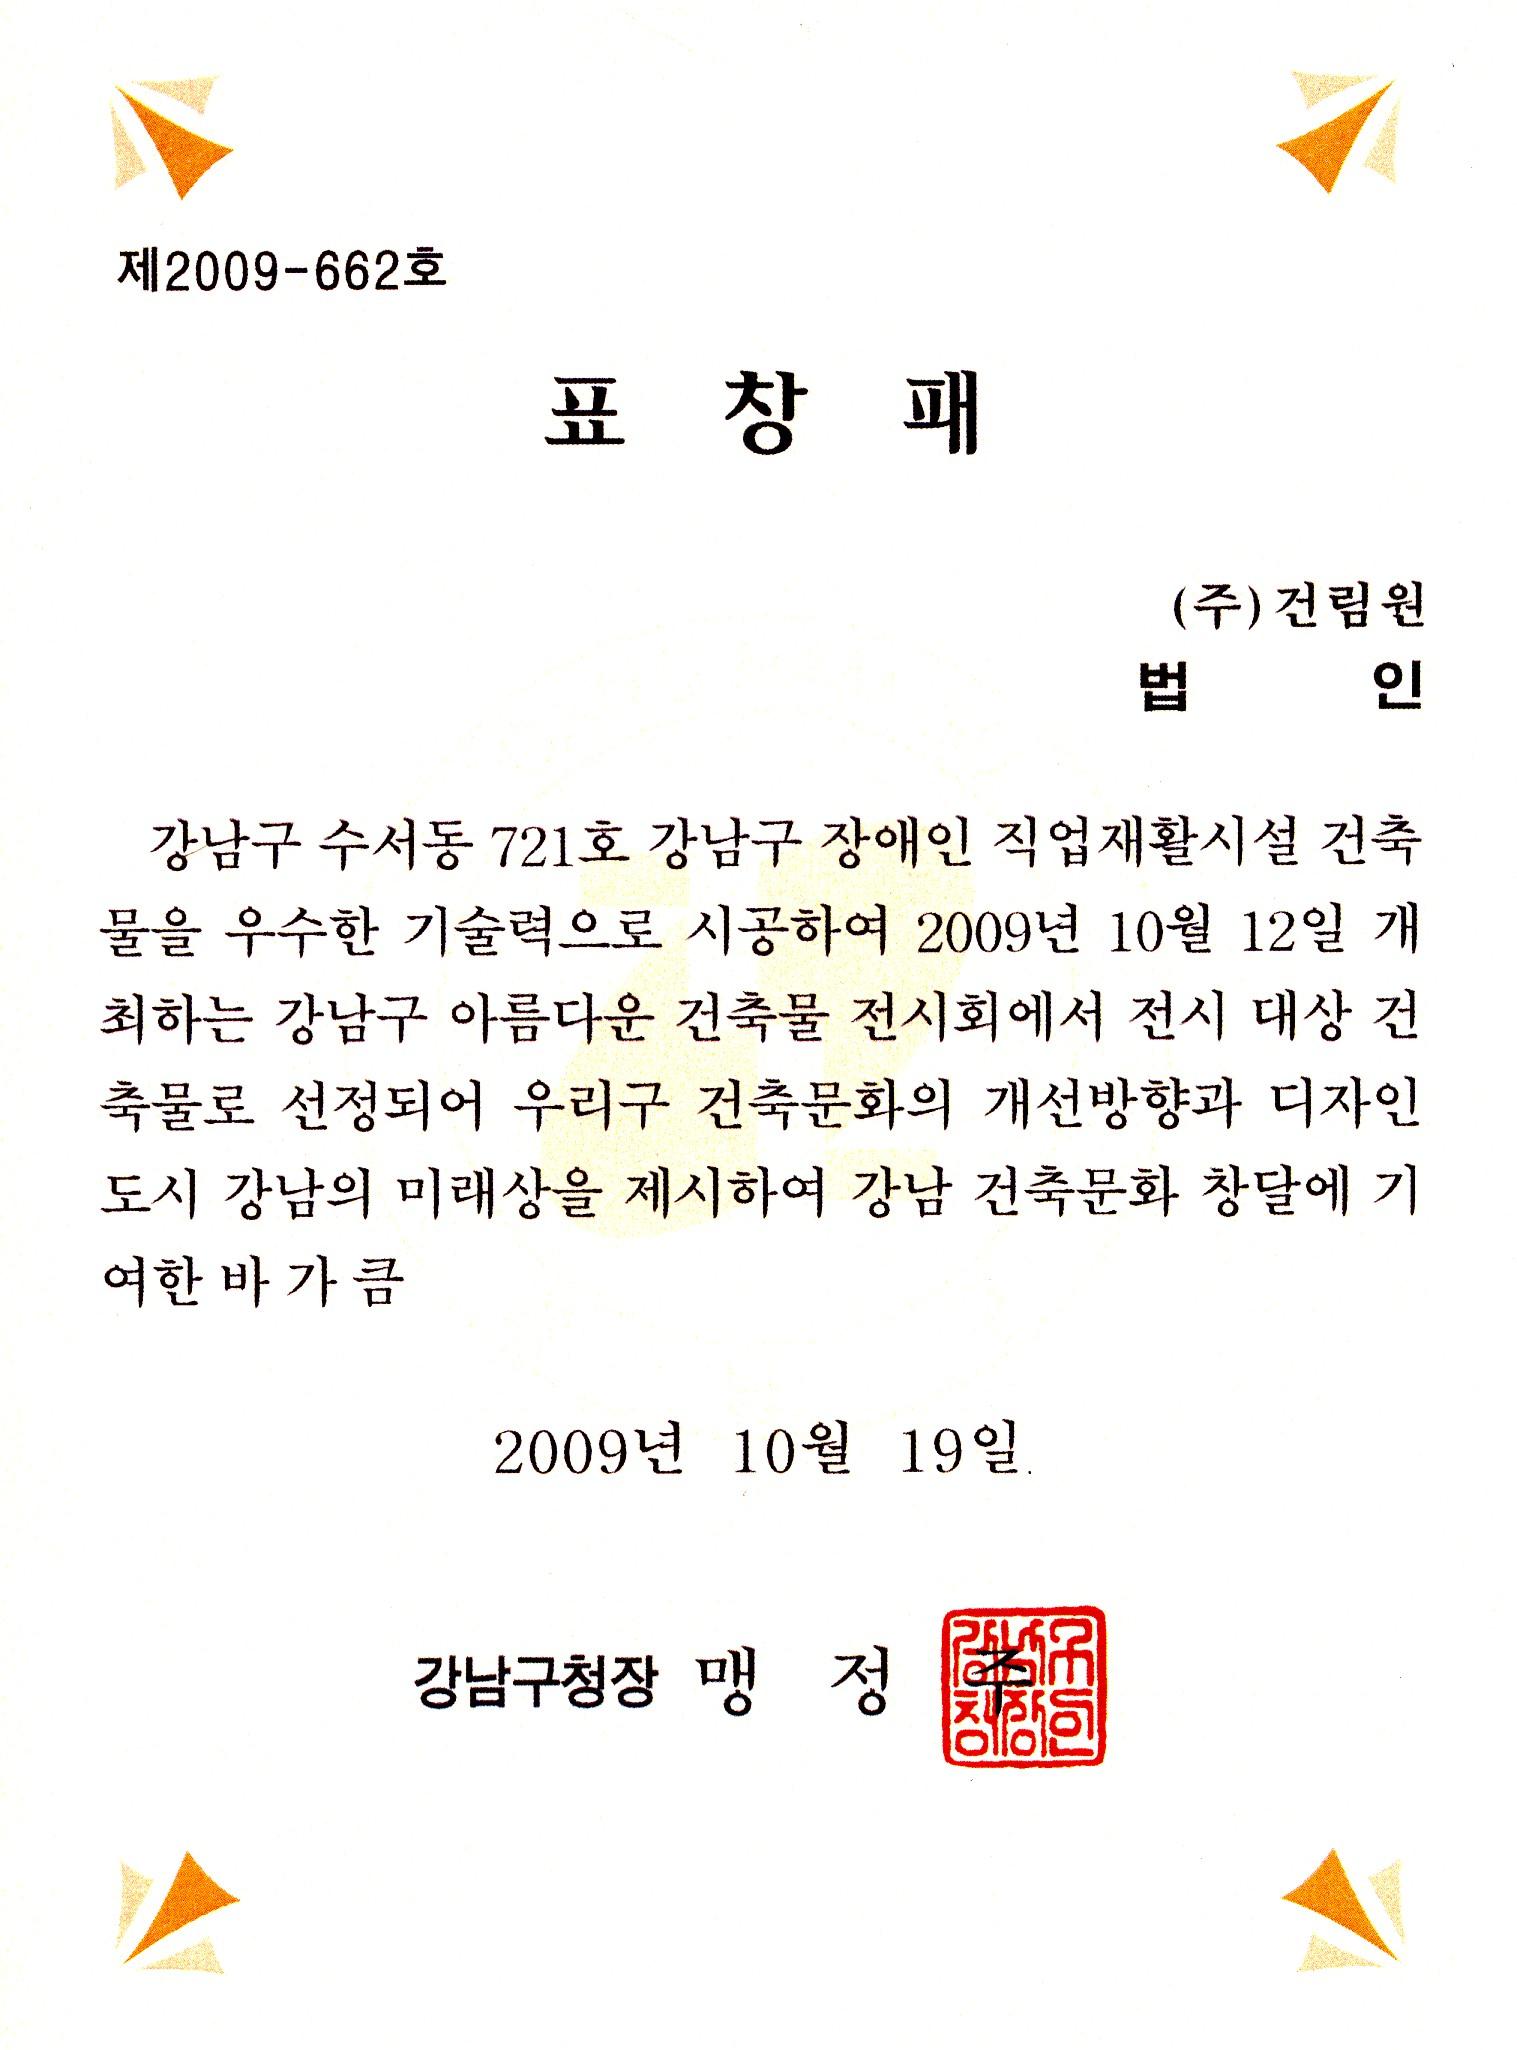 2009년 강남구청장 표장패 (강남구 장애인 직업재활시설 건축물)